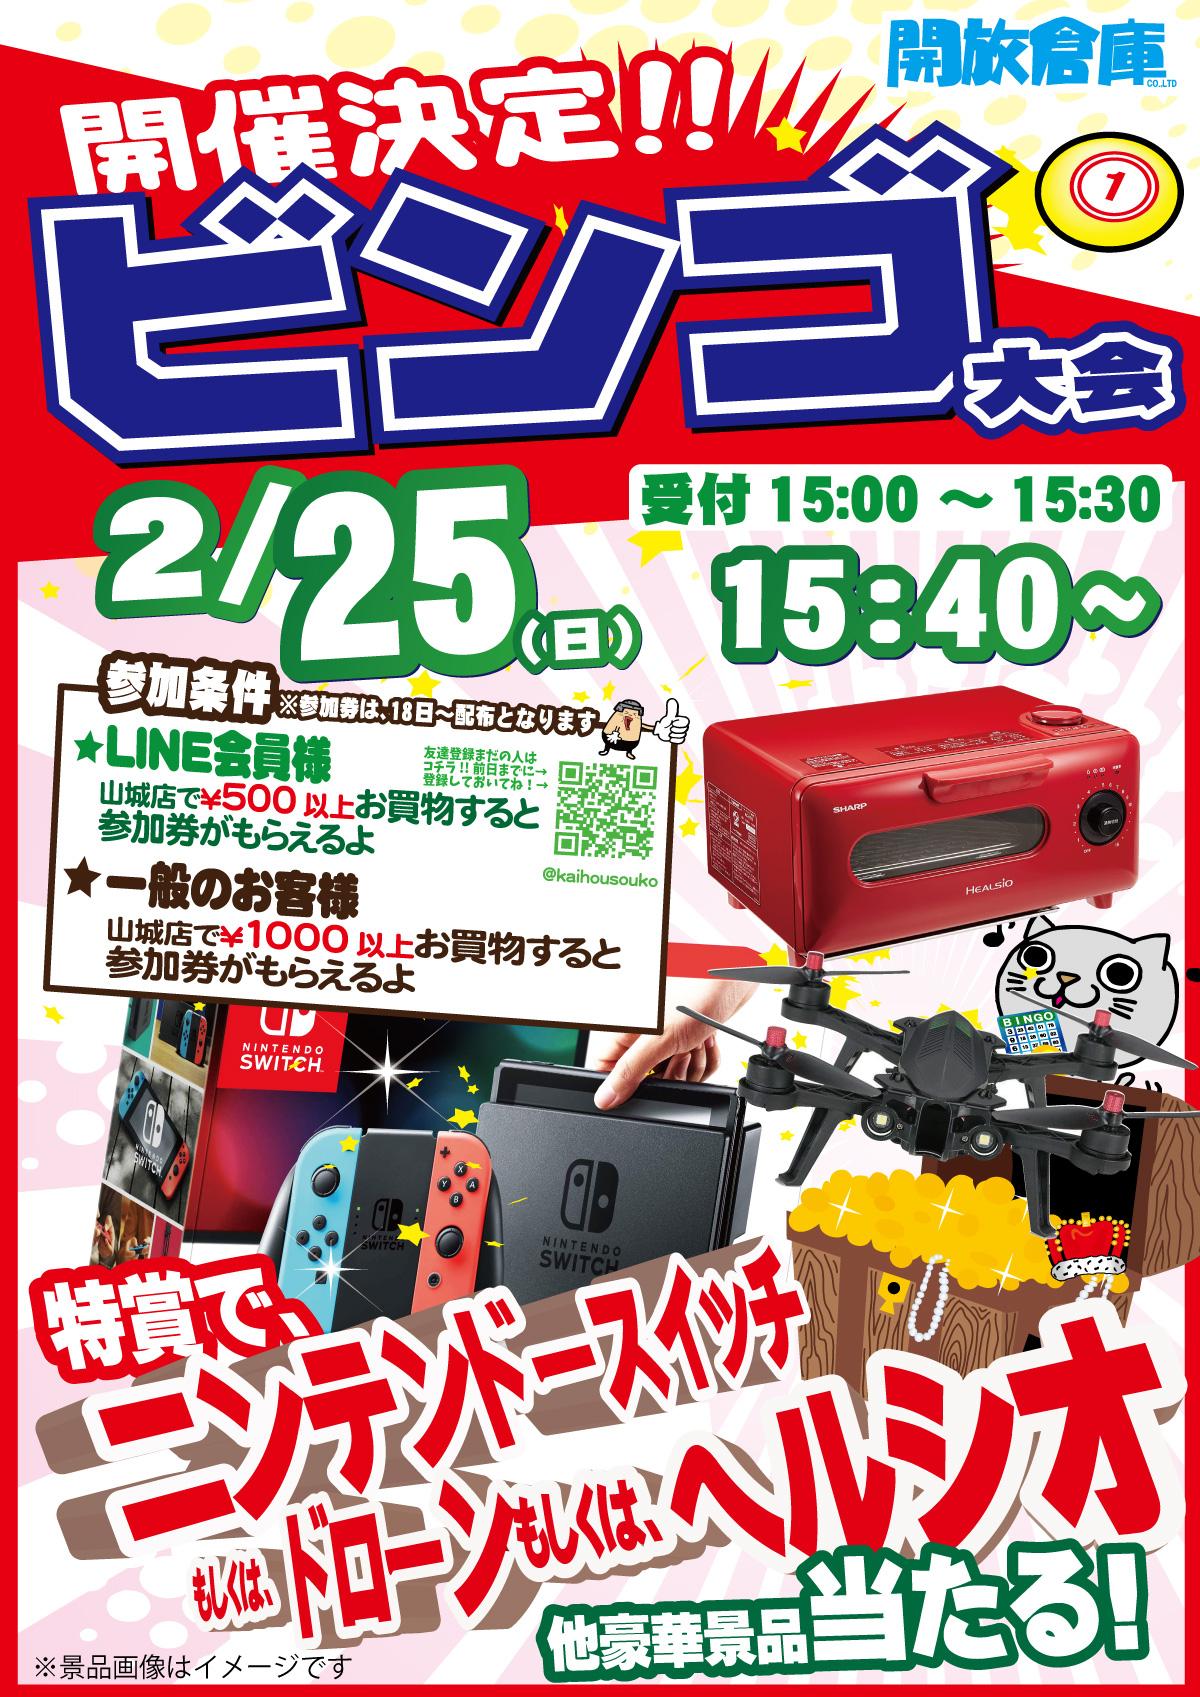 「開放倉庫山城店」イベント「Nintendo Switch本体、もしくはドローンもしくは、ヘルシオなどその他、豪華景品が当たる!」ビンゴ大会は、2018年2/25(日)15:00~受付開始!※参加券は、18日(日)より配布開始となります!ご参加お待ちしております!